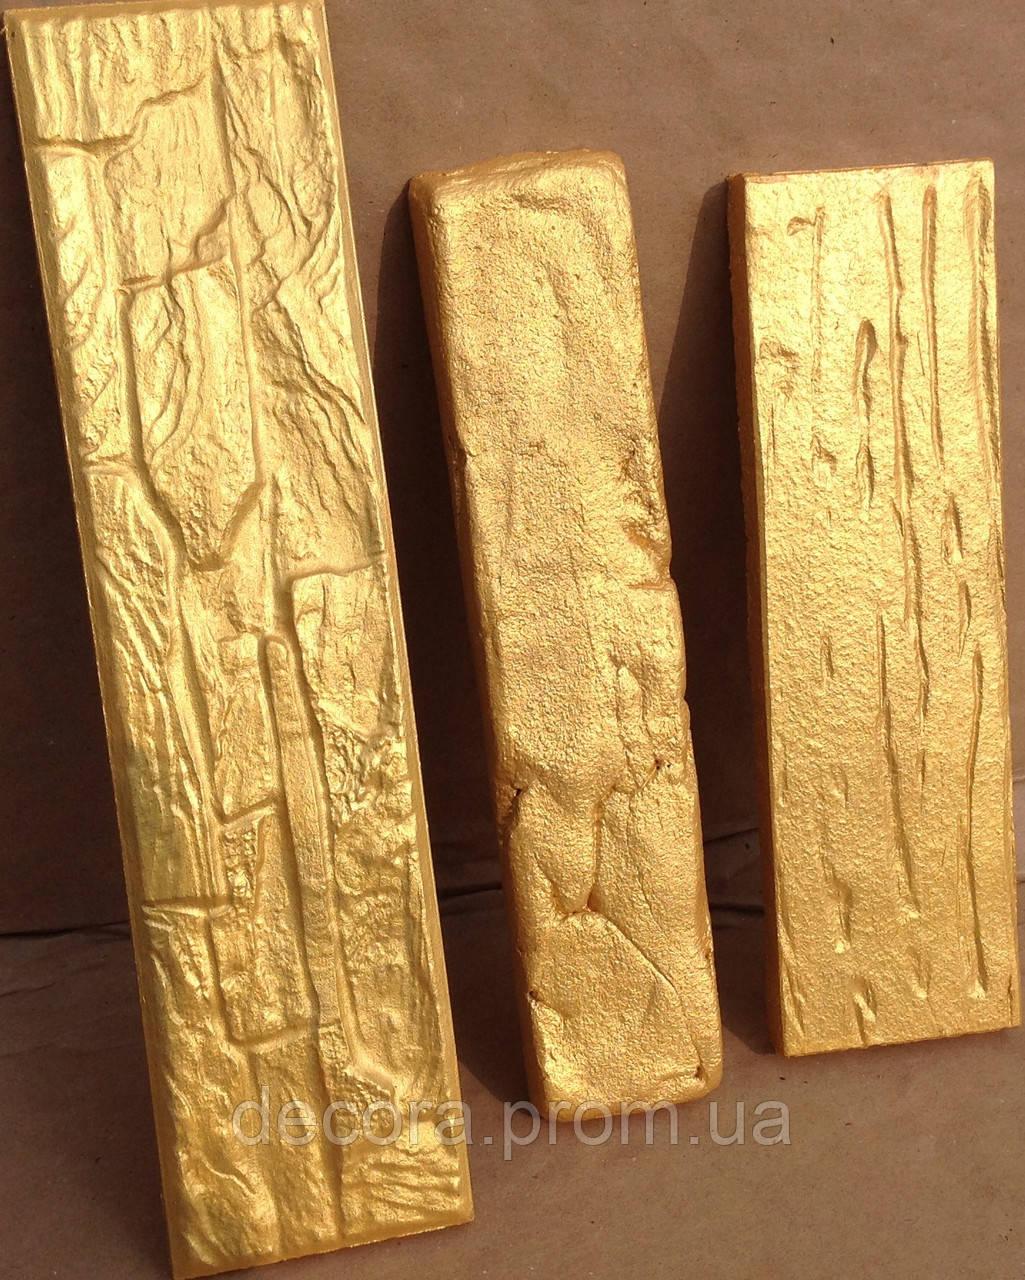 Золотая Краска под позолоту гипса, дерева, камня влагостойкая